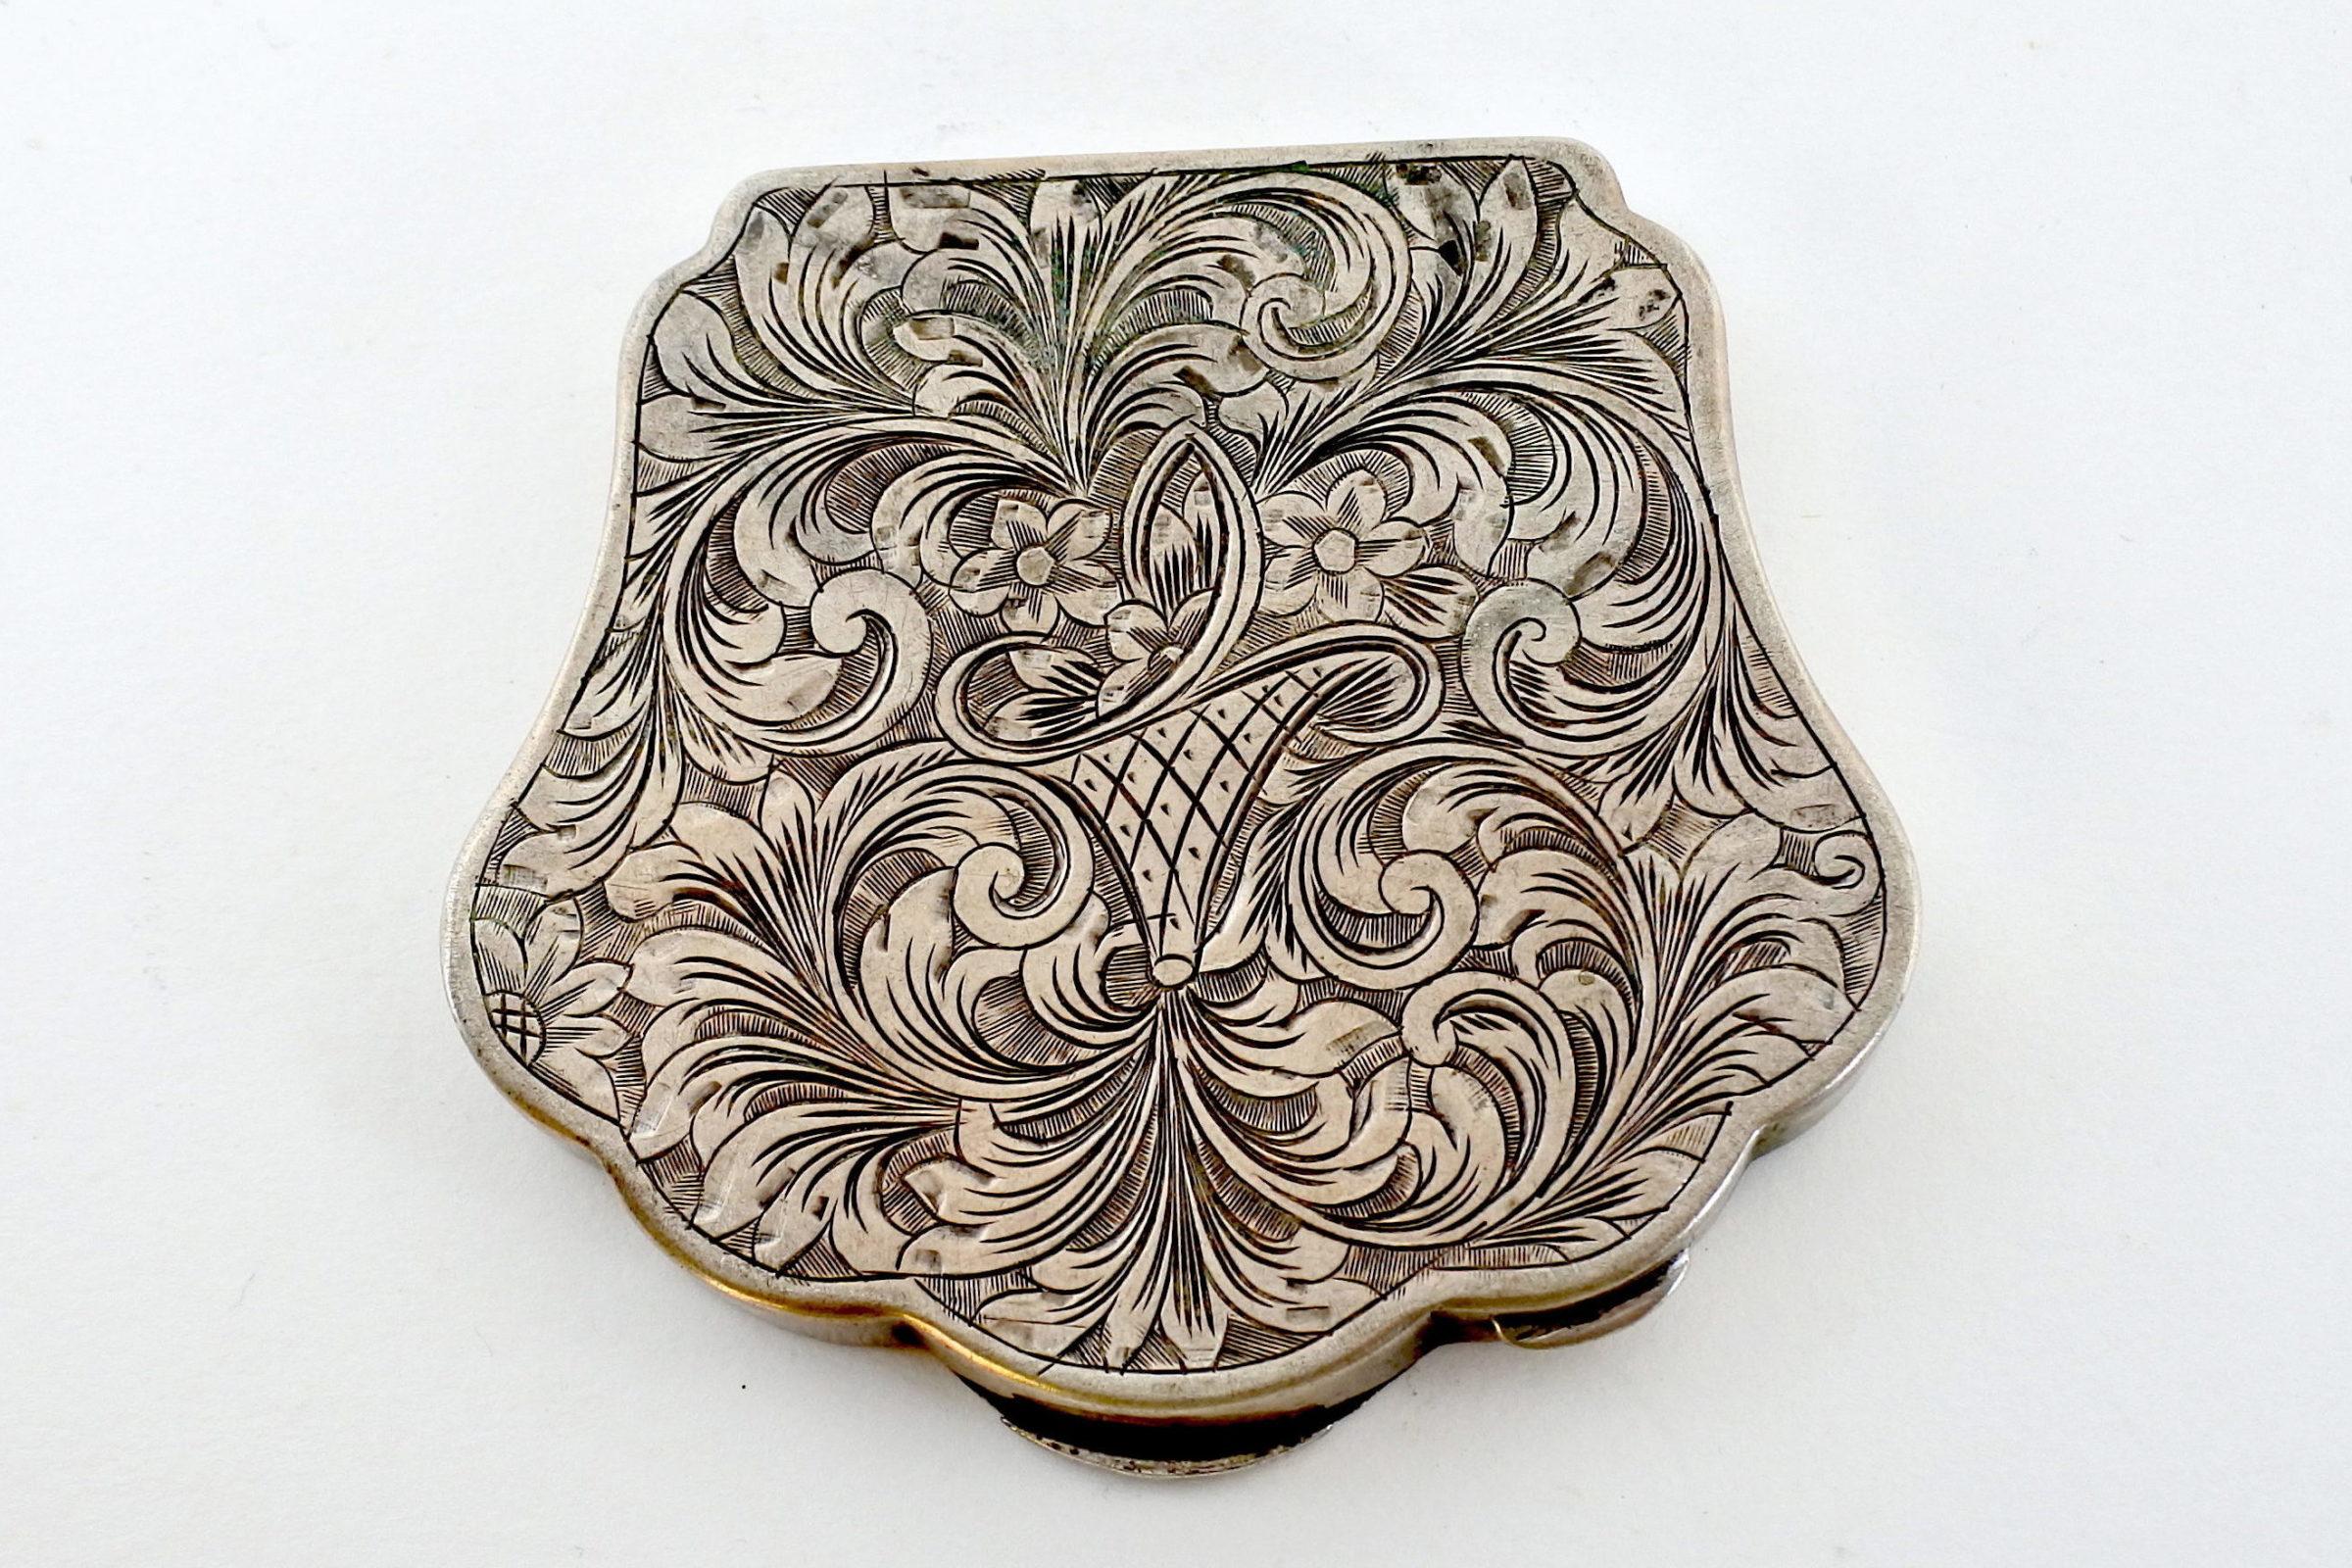 Portacipria in argento con decoro floreale - 2